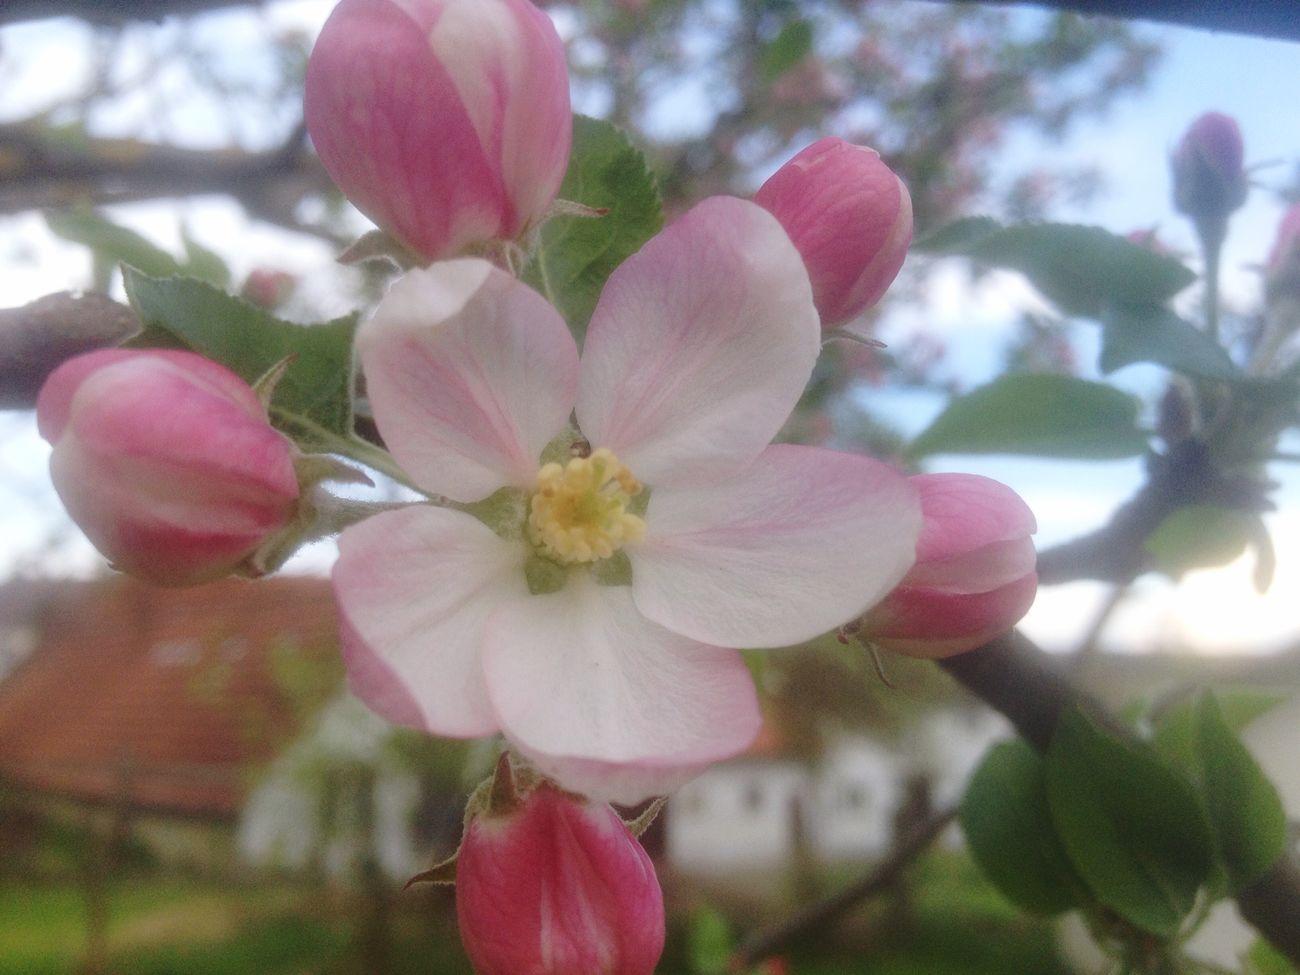 Blumö Pink Apfelbaum  Springtime